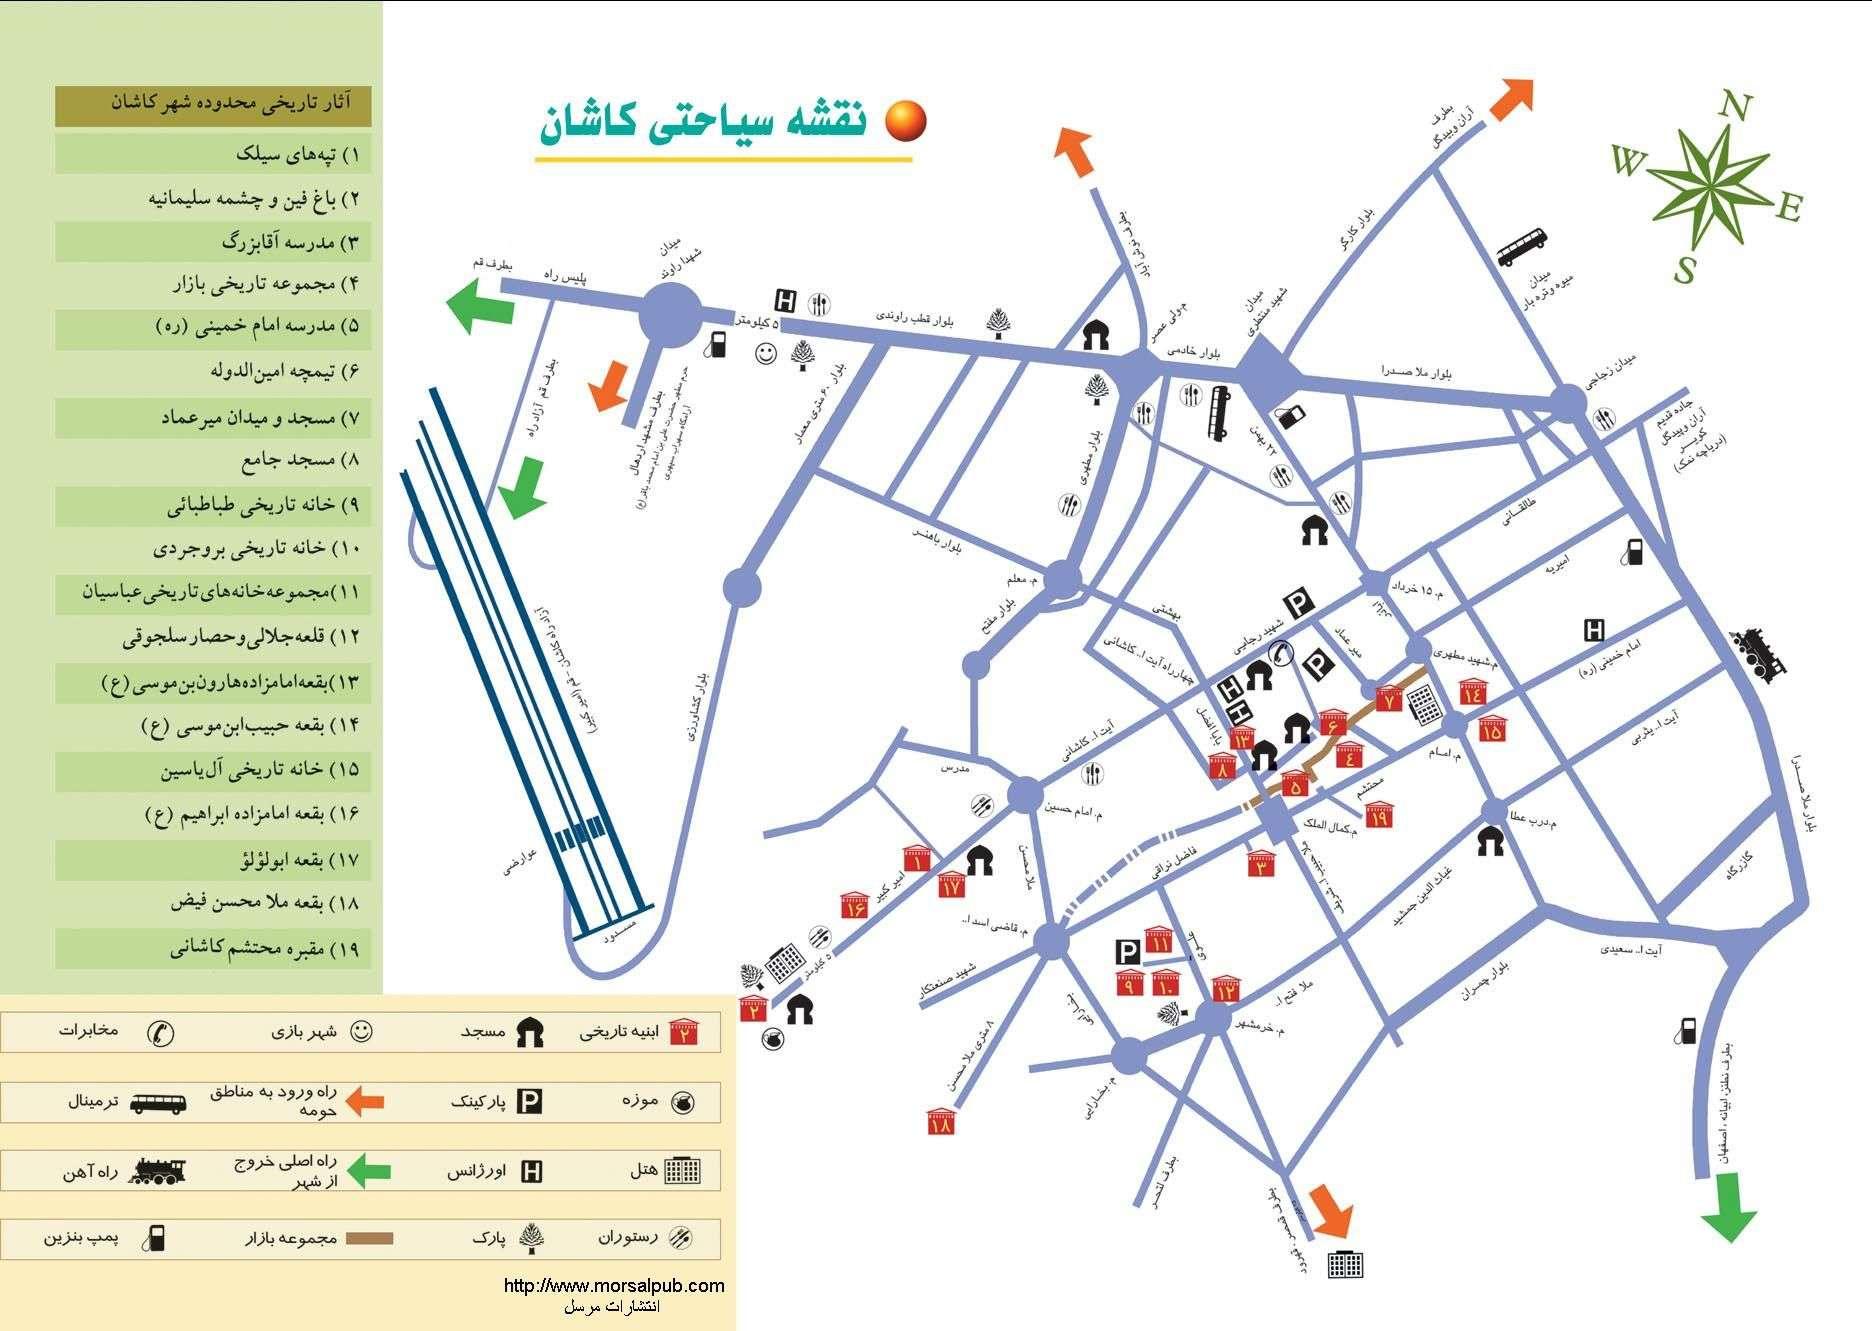 نقشه اشان,جاذبه های دیدنی کاشان,شهرهای اطراف کاشان